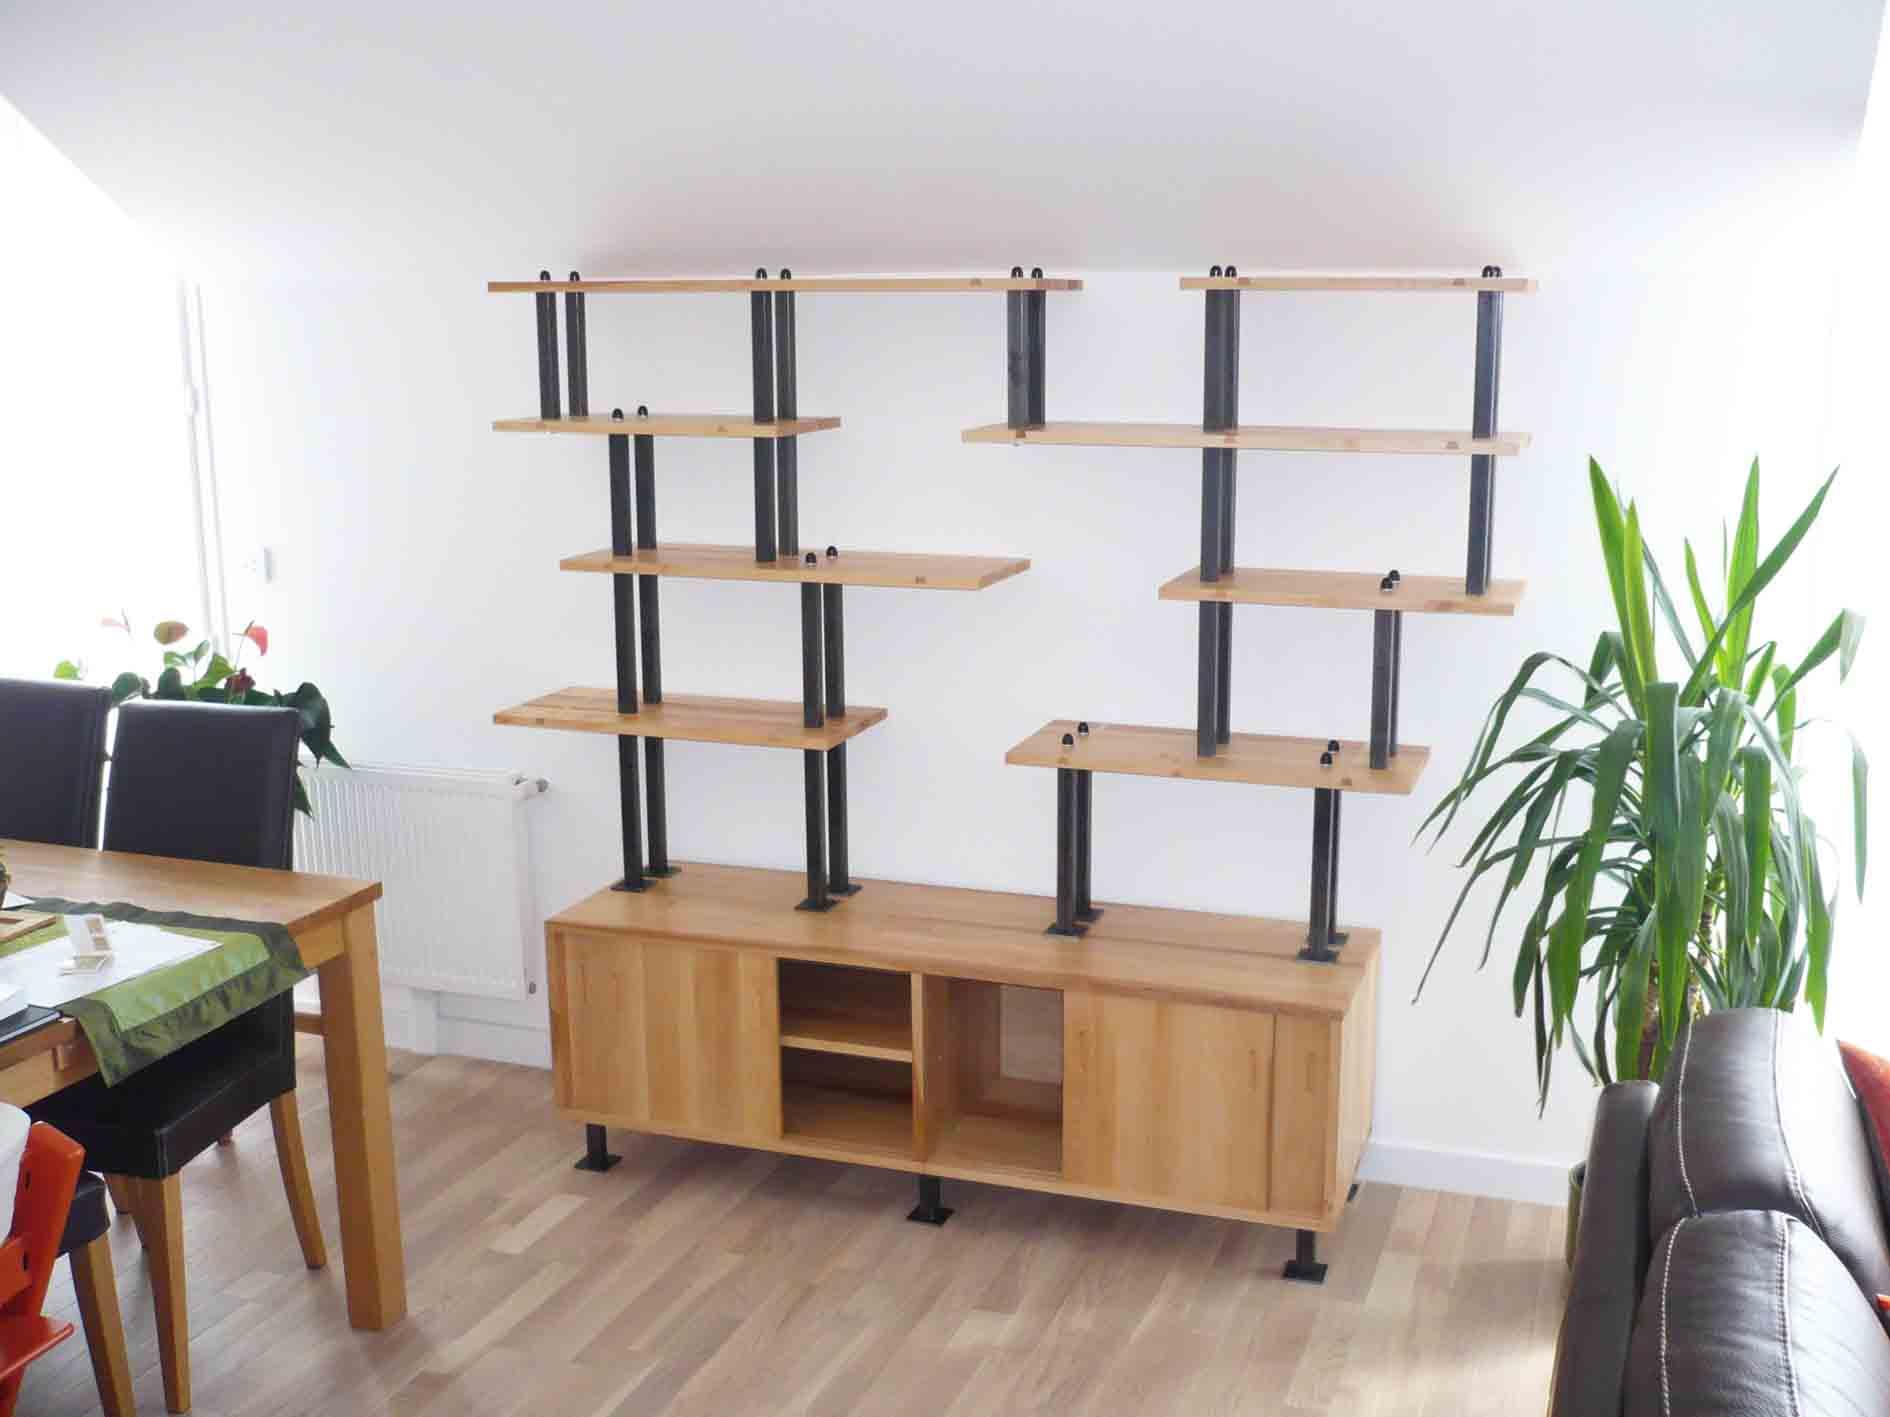 Sur Mesure Atelier Helbecque 94 Ile De France Paris # Fabriquer Bibliotheque Meuble Tv Rangement Ferme Sur Mesure